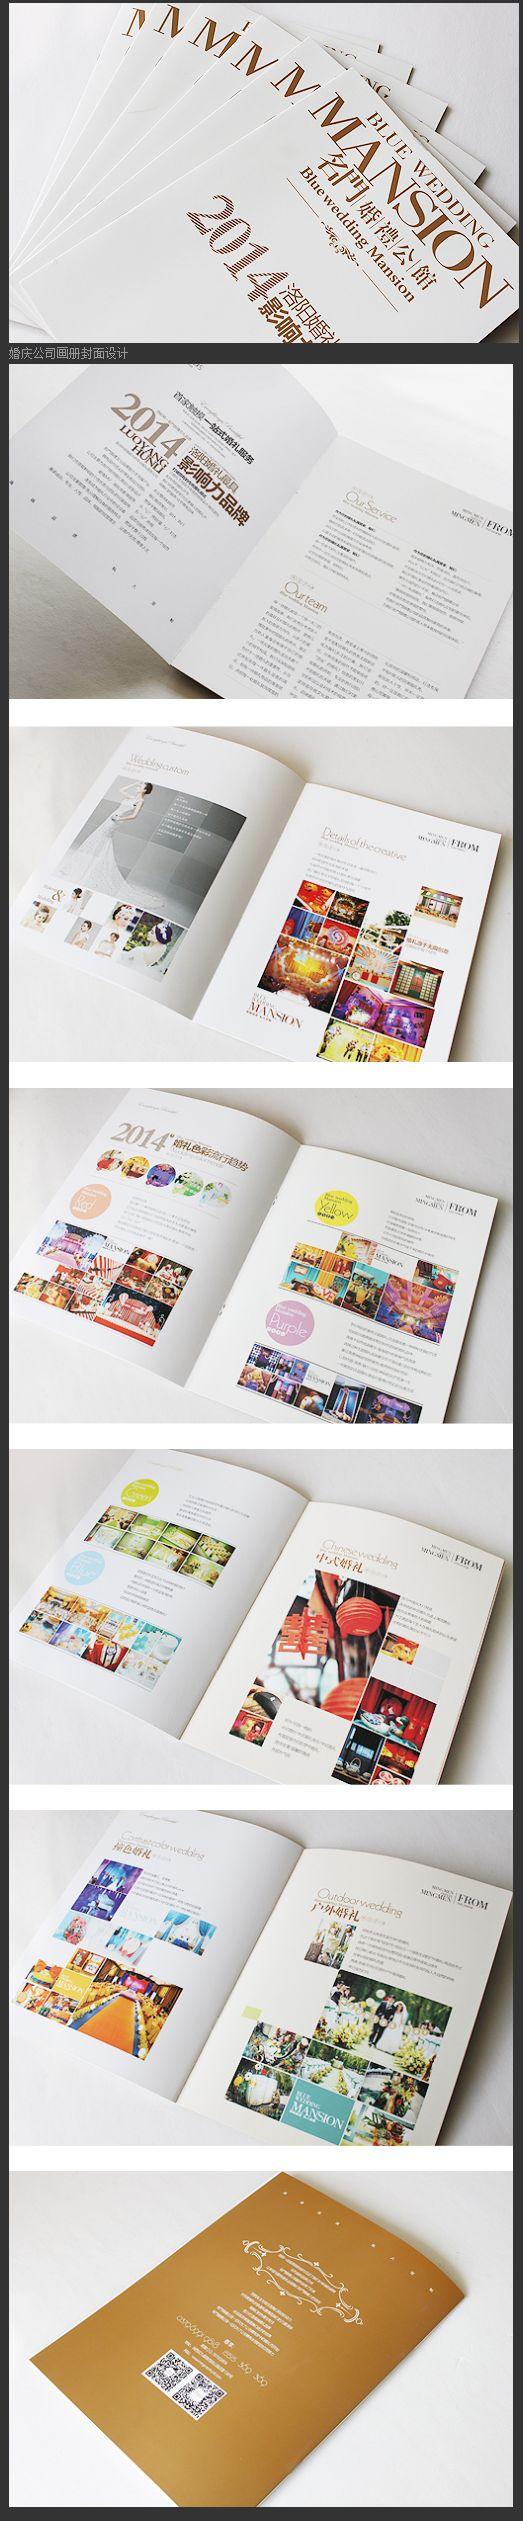 洛阳画册设计印刷 洛阳名门婚庆画册设计 ...